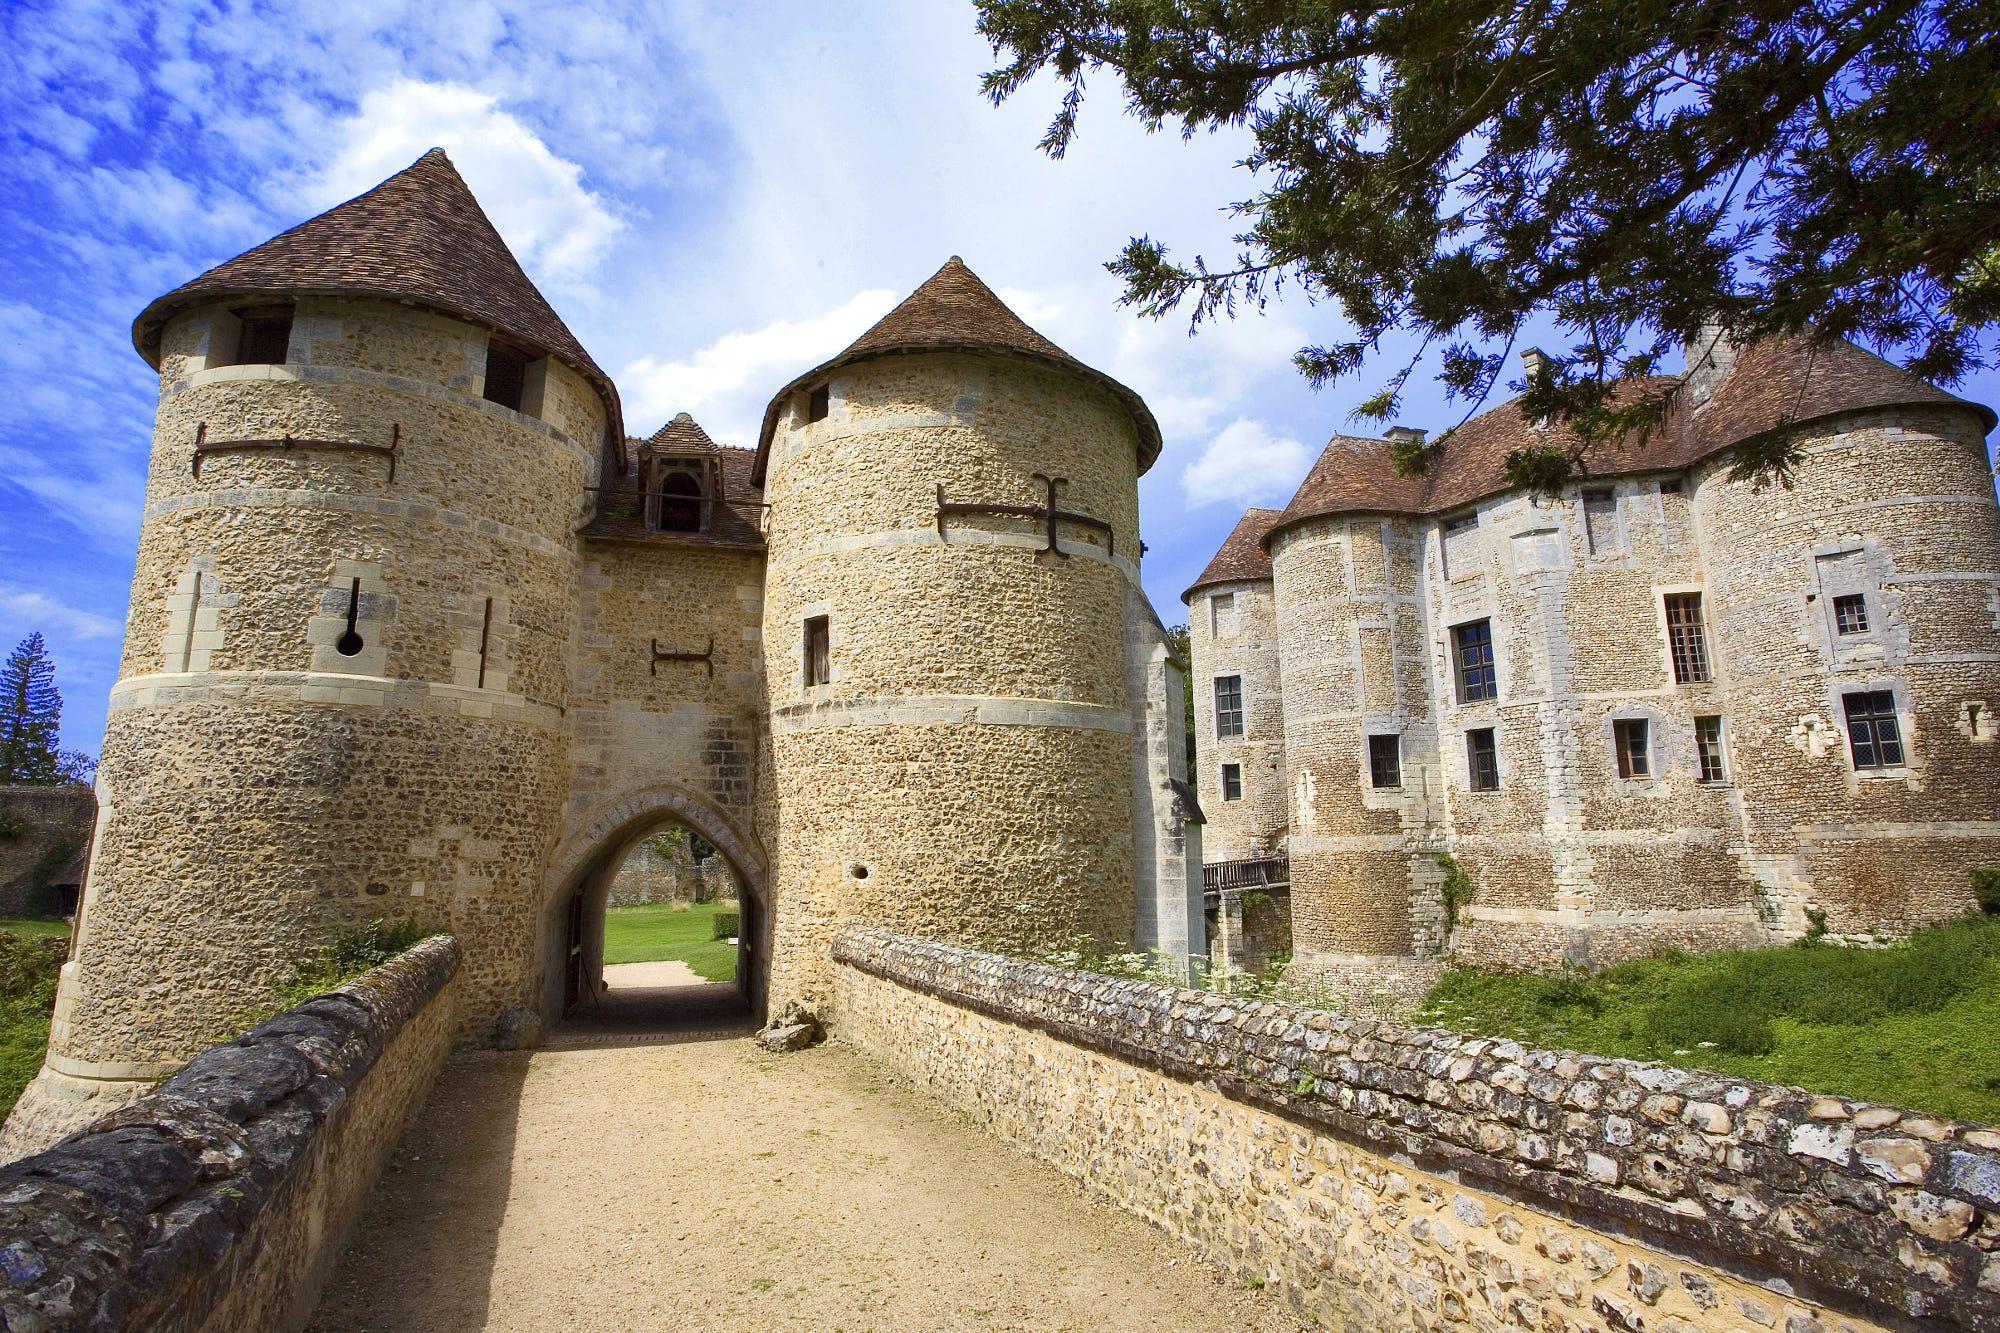 Château-fort d'Harcourt